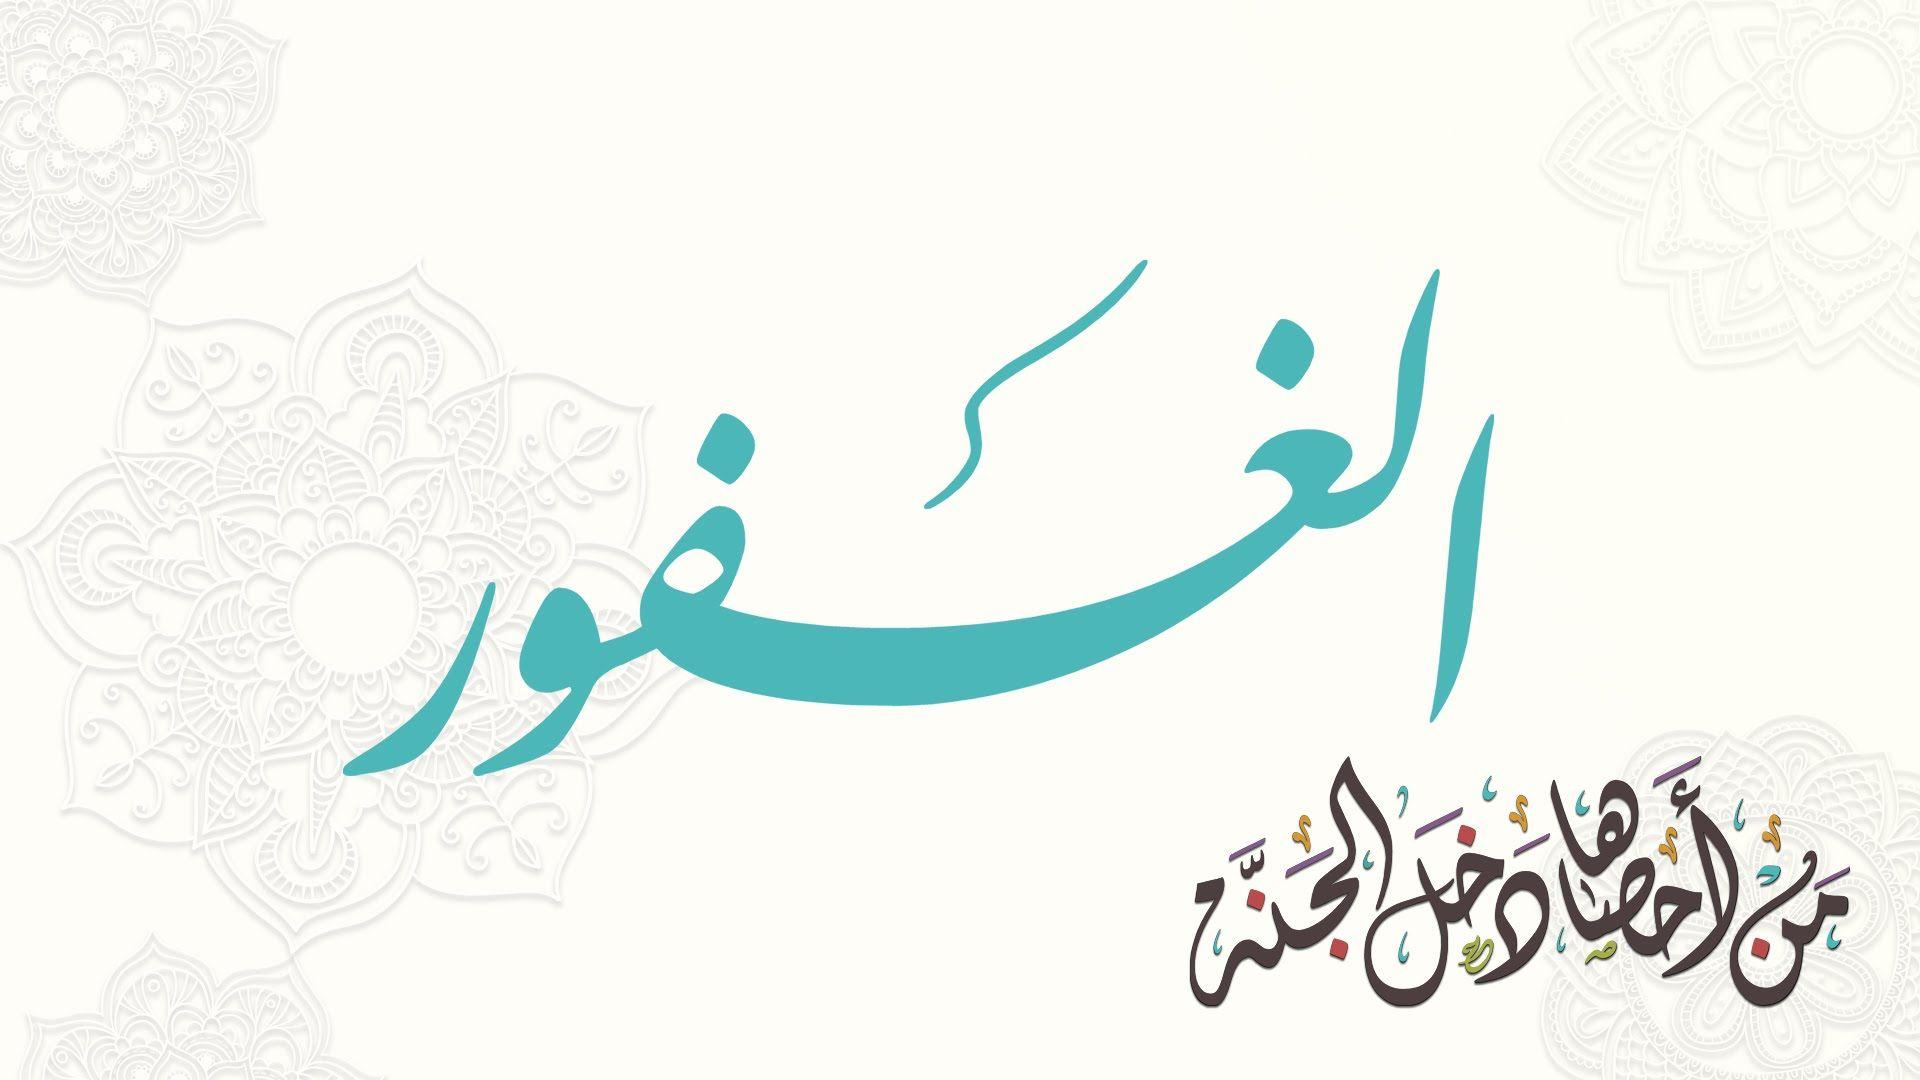 اسم الله الغفور نوال العيد من أحصاها دخل الجنة